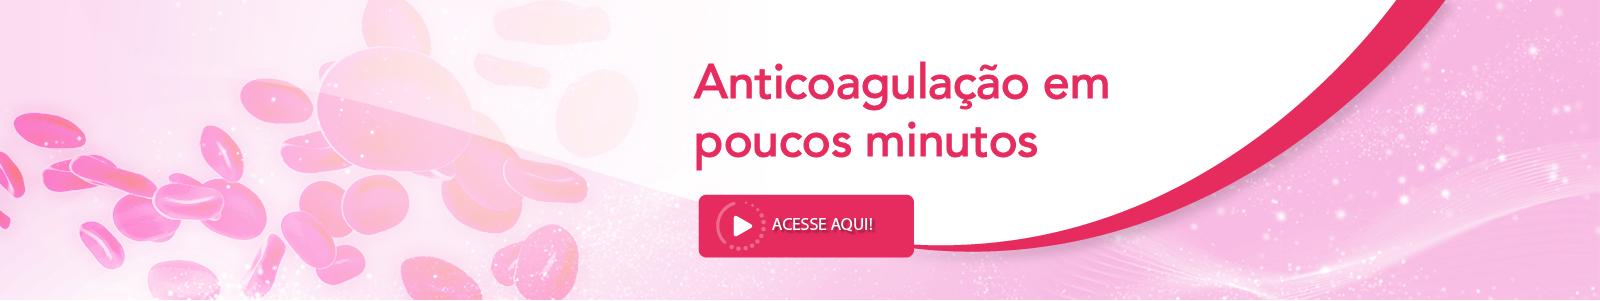 TVP-Banners-rosa-anticoagulação